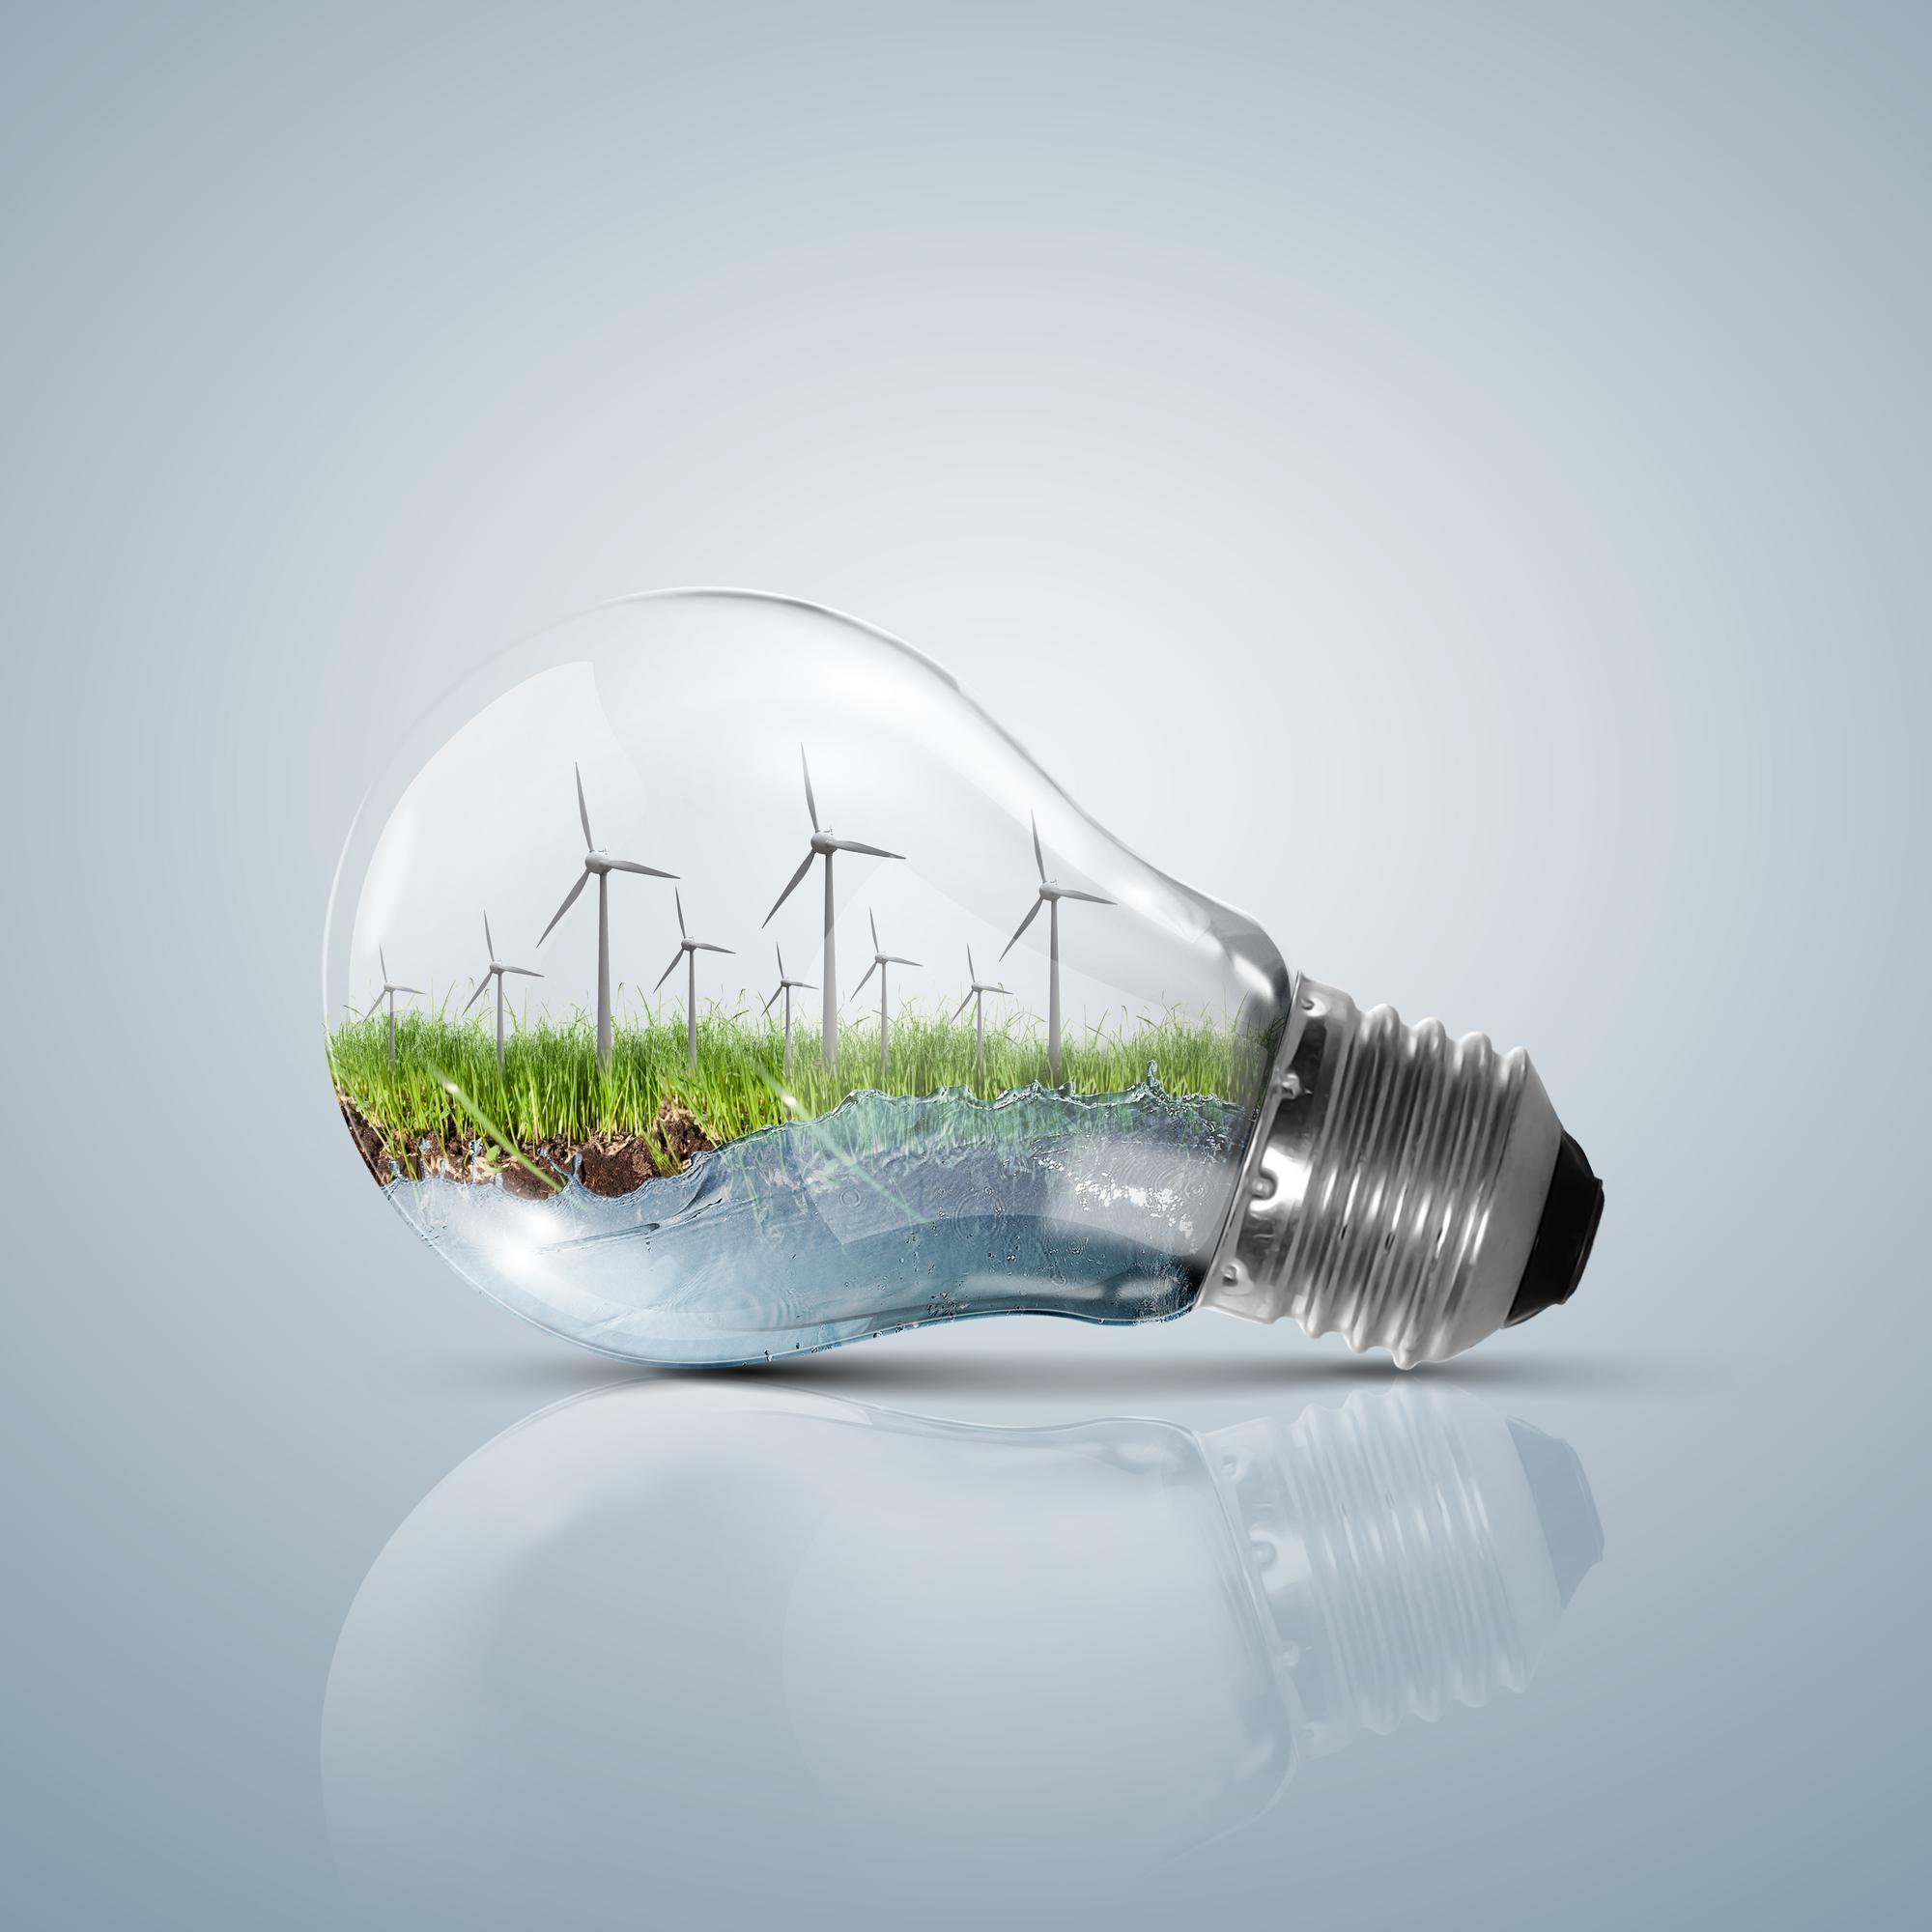 אנרגיה ירוקה. המחשה: depositphotos.com